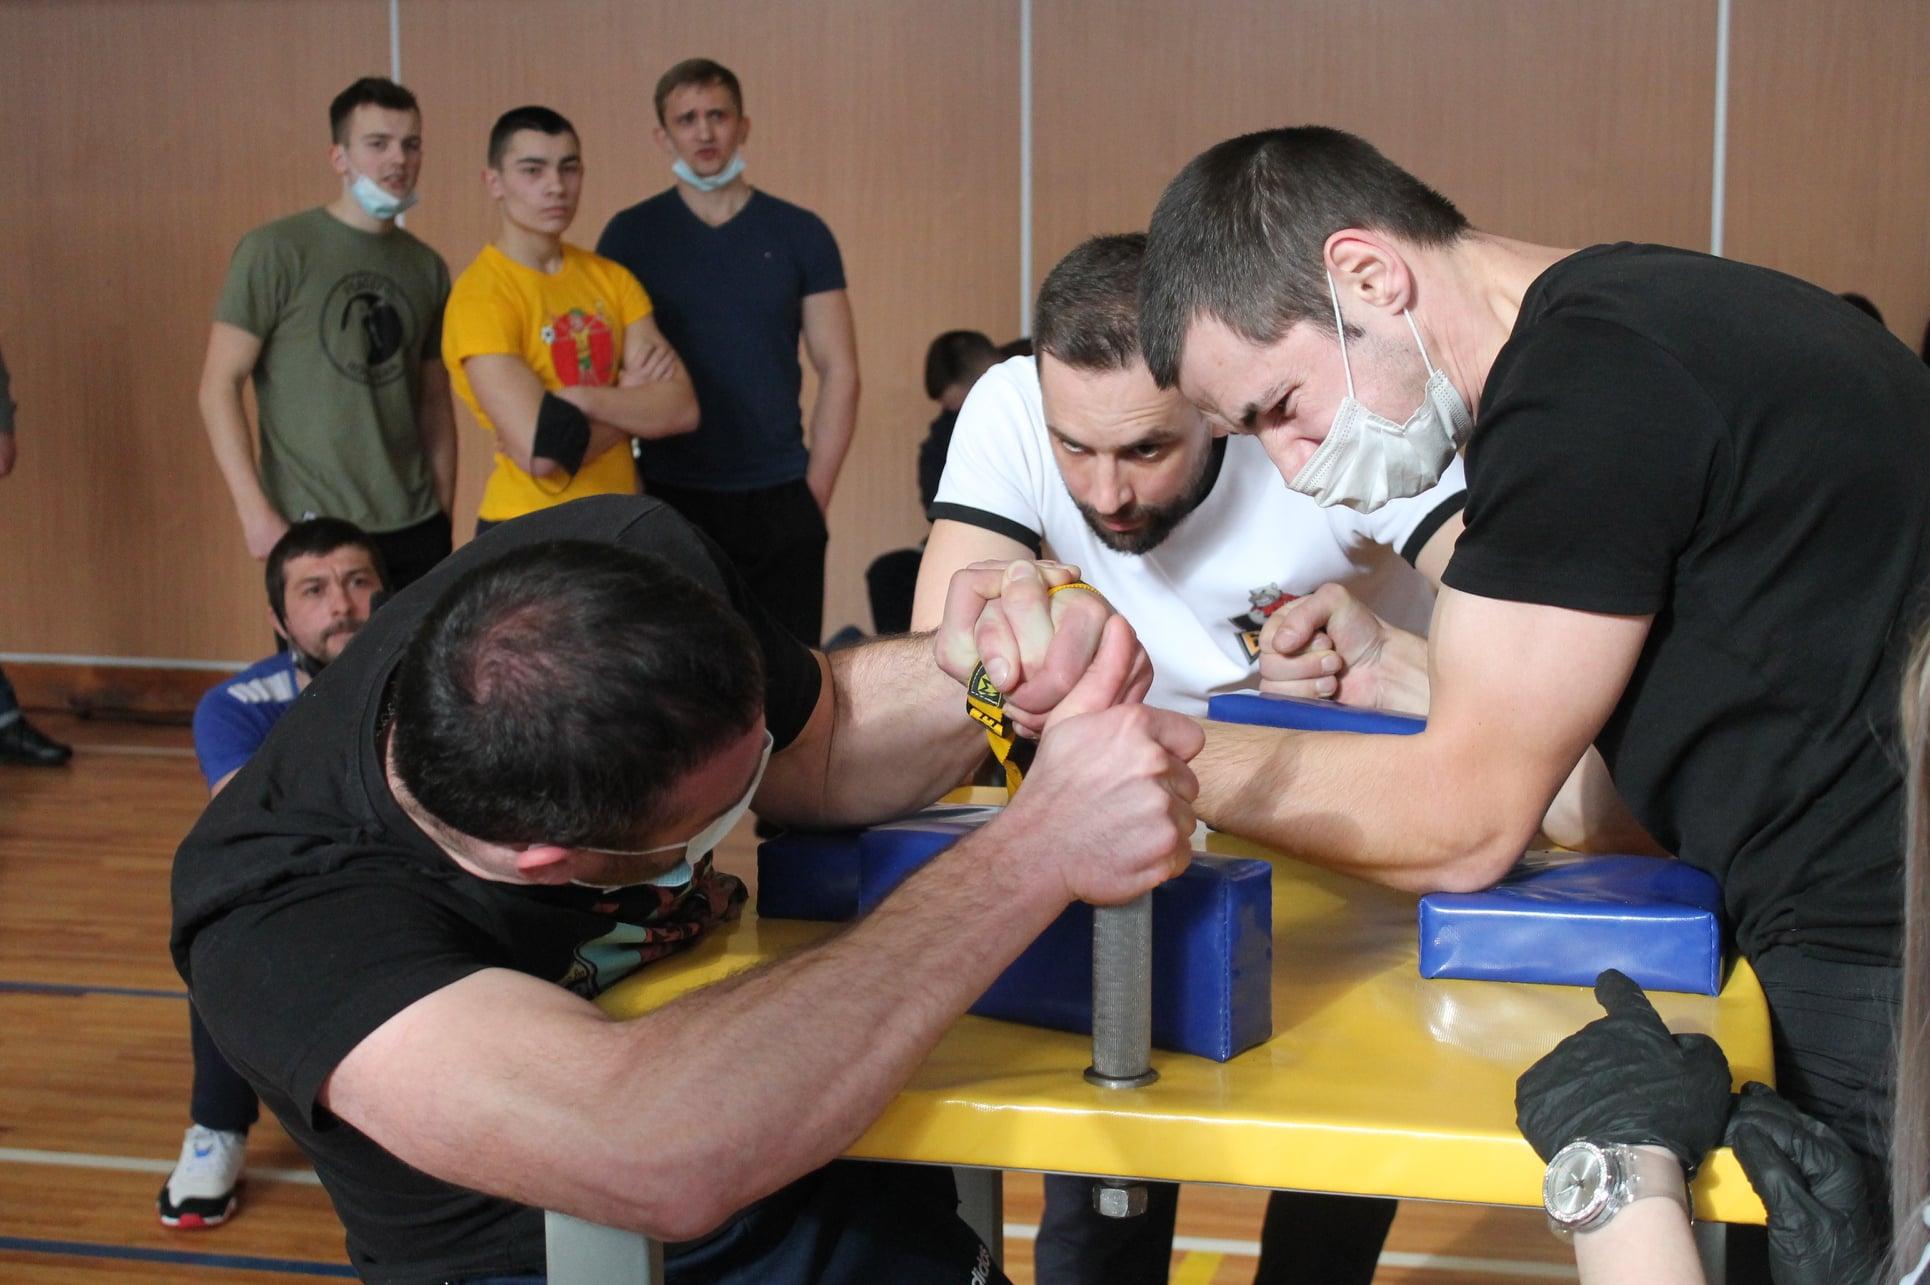 У Борисполі армреслери Київщини змагалися, хто кращий - спортивні змагання, переможці, медалі - 151095561 2807401082837201 7480676607857496600 o